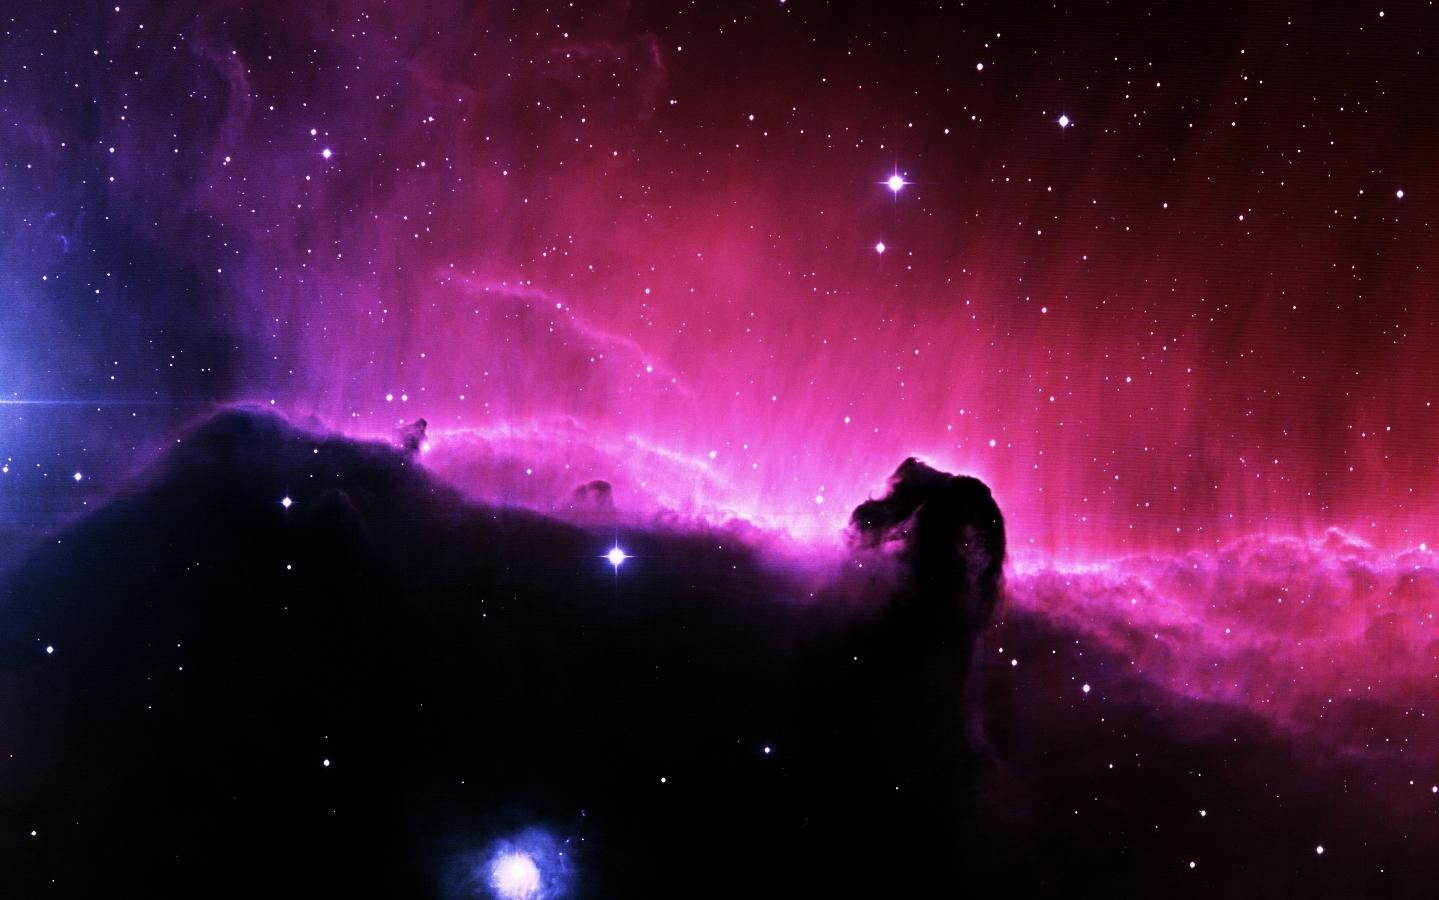 Nebula Wallpaper on Space Stars Galaxy Nebula Hd Wallpaper   Space   Planets   22508